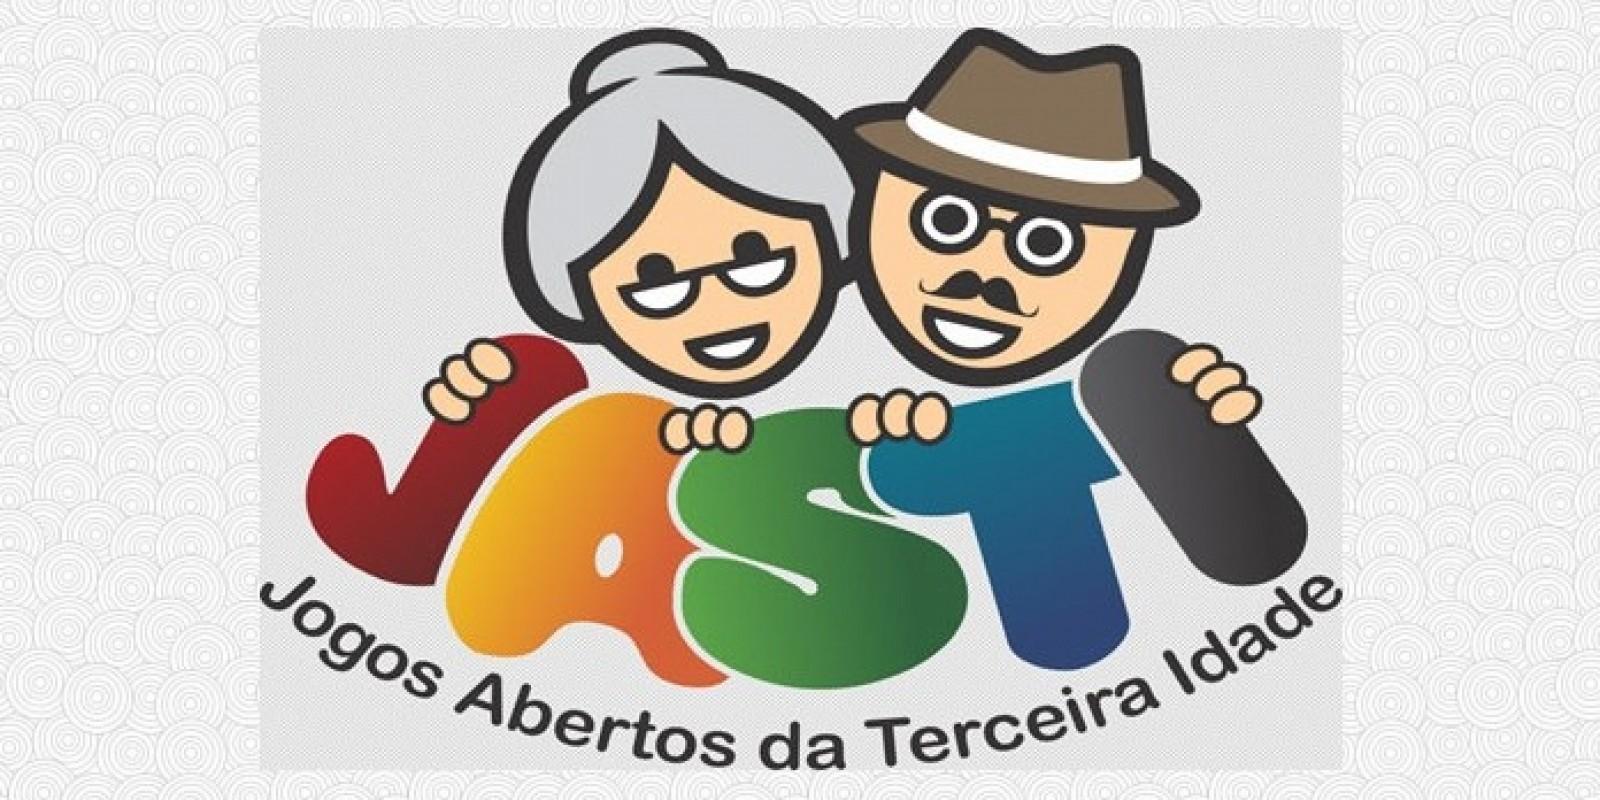 Etapa Microrregional dos Jogos Abertos da Terceira Idade será em São Ludgero